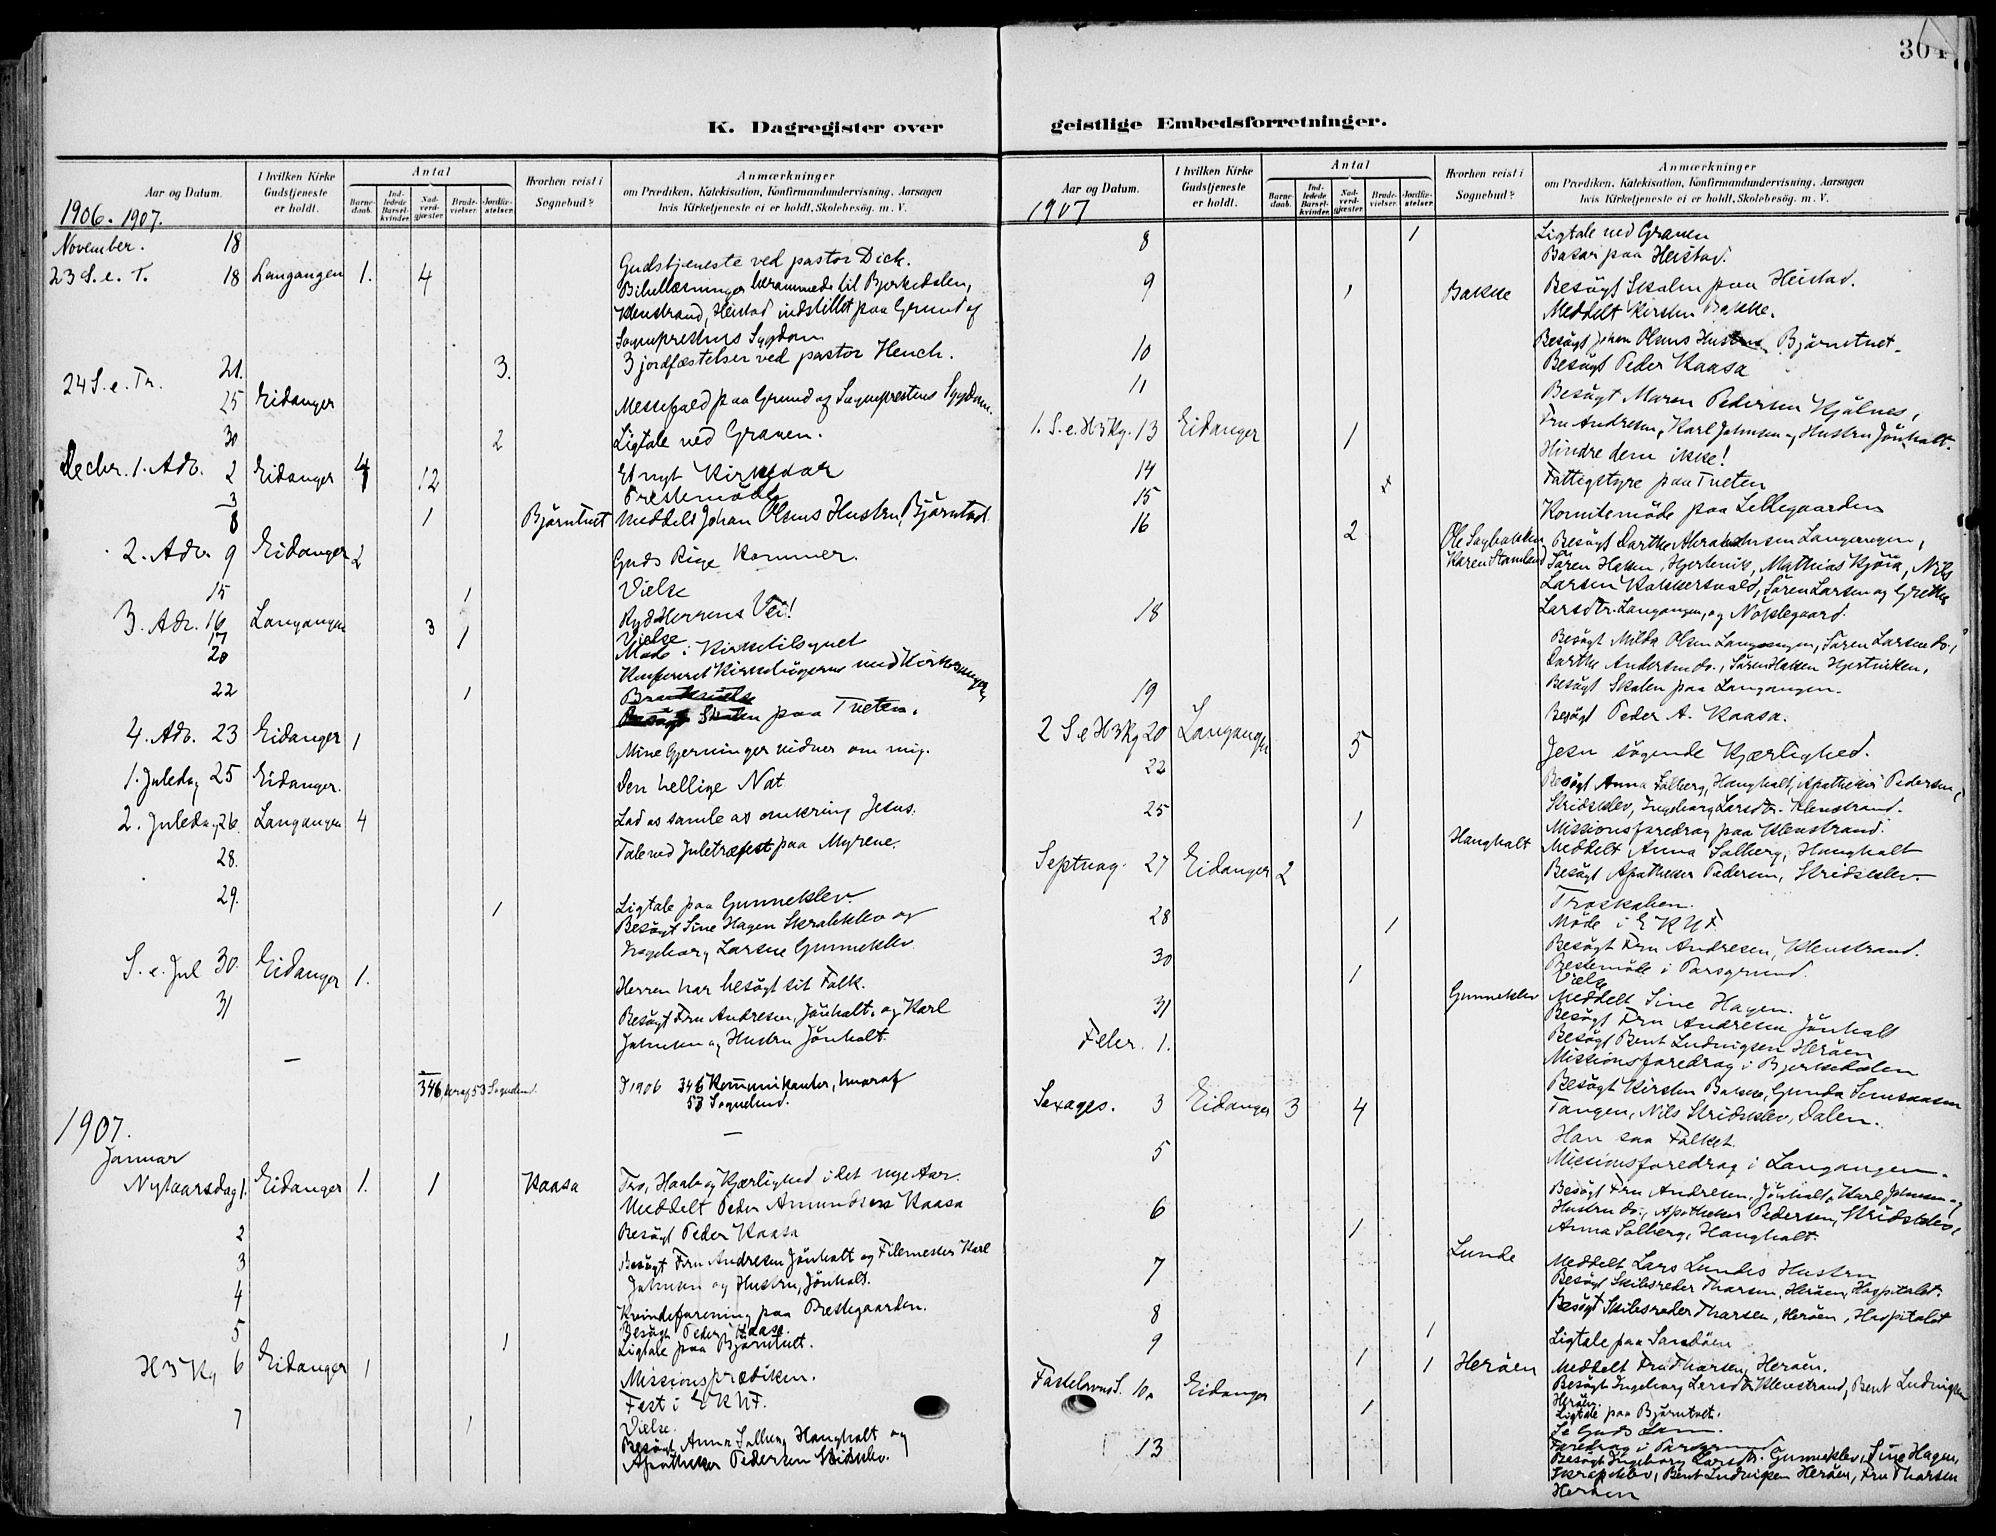 SAKO, Eidanger kirkebøker, F/Fa/L0013: Ministerialbok nr. 13, 1900-1913, s. 304